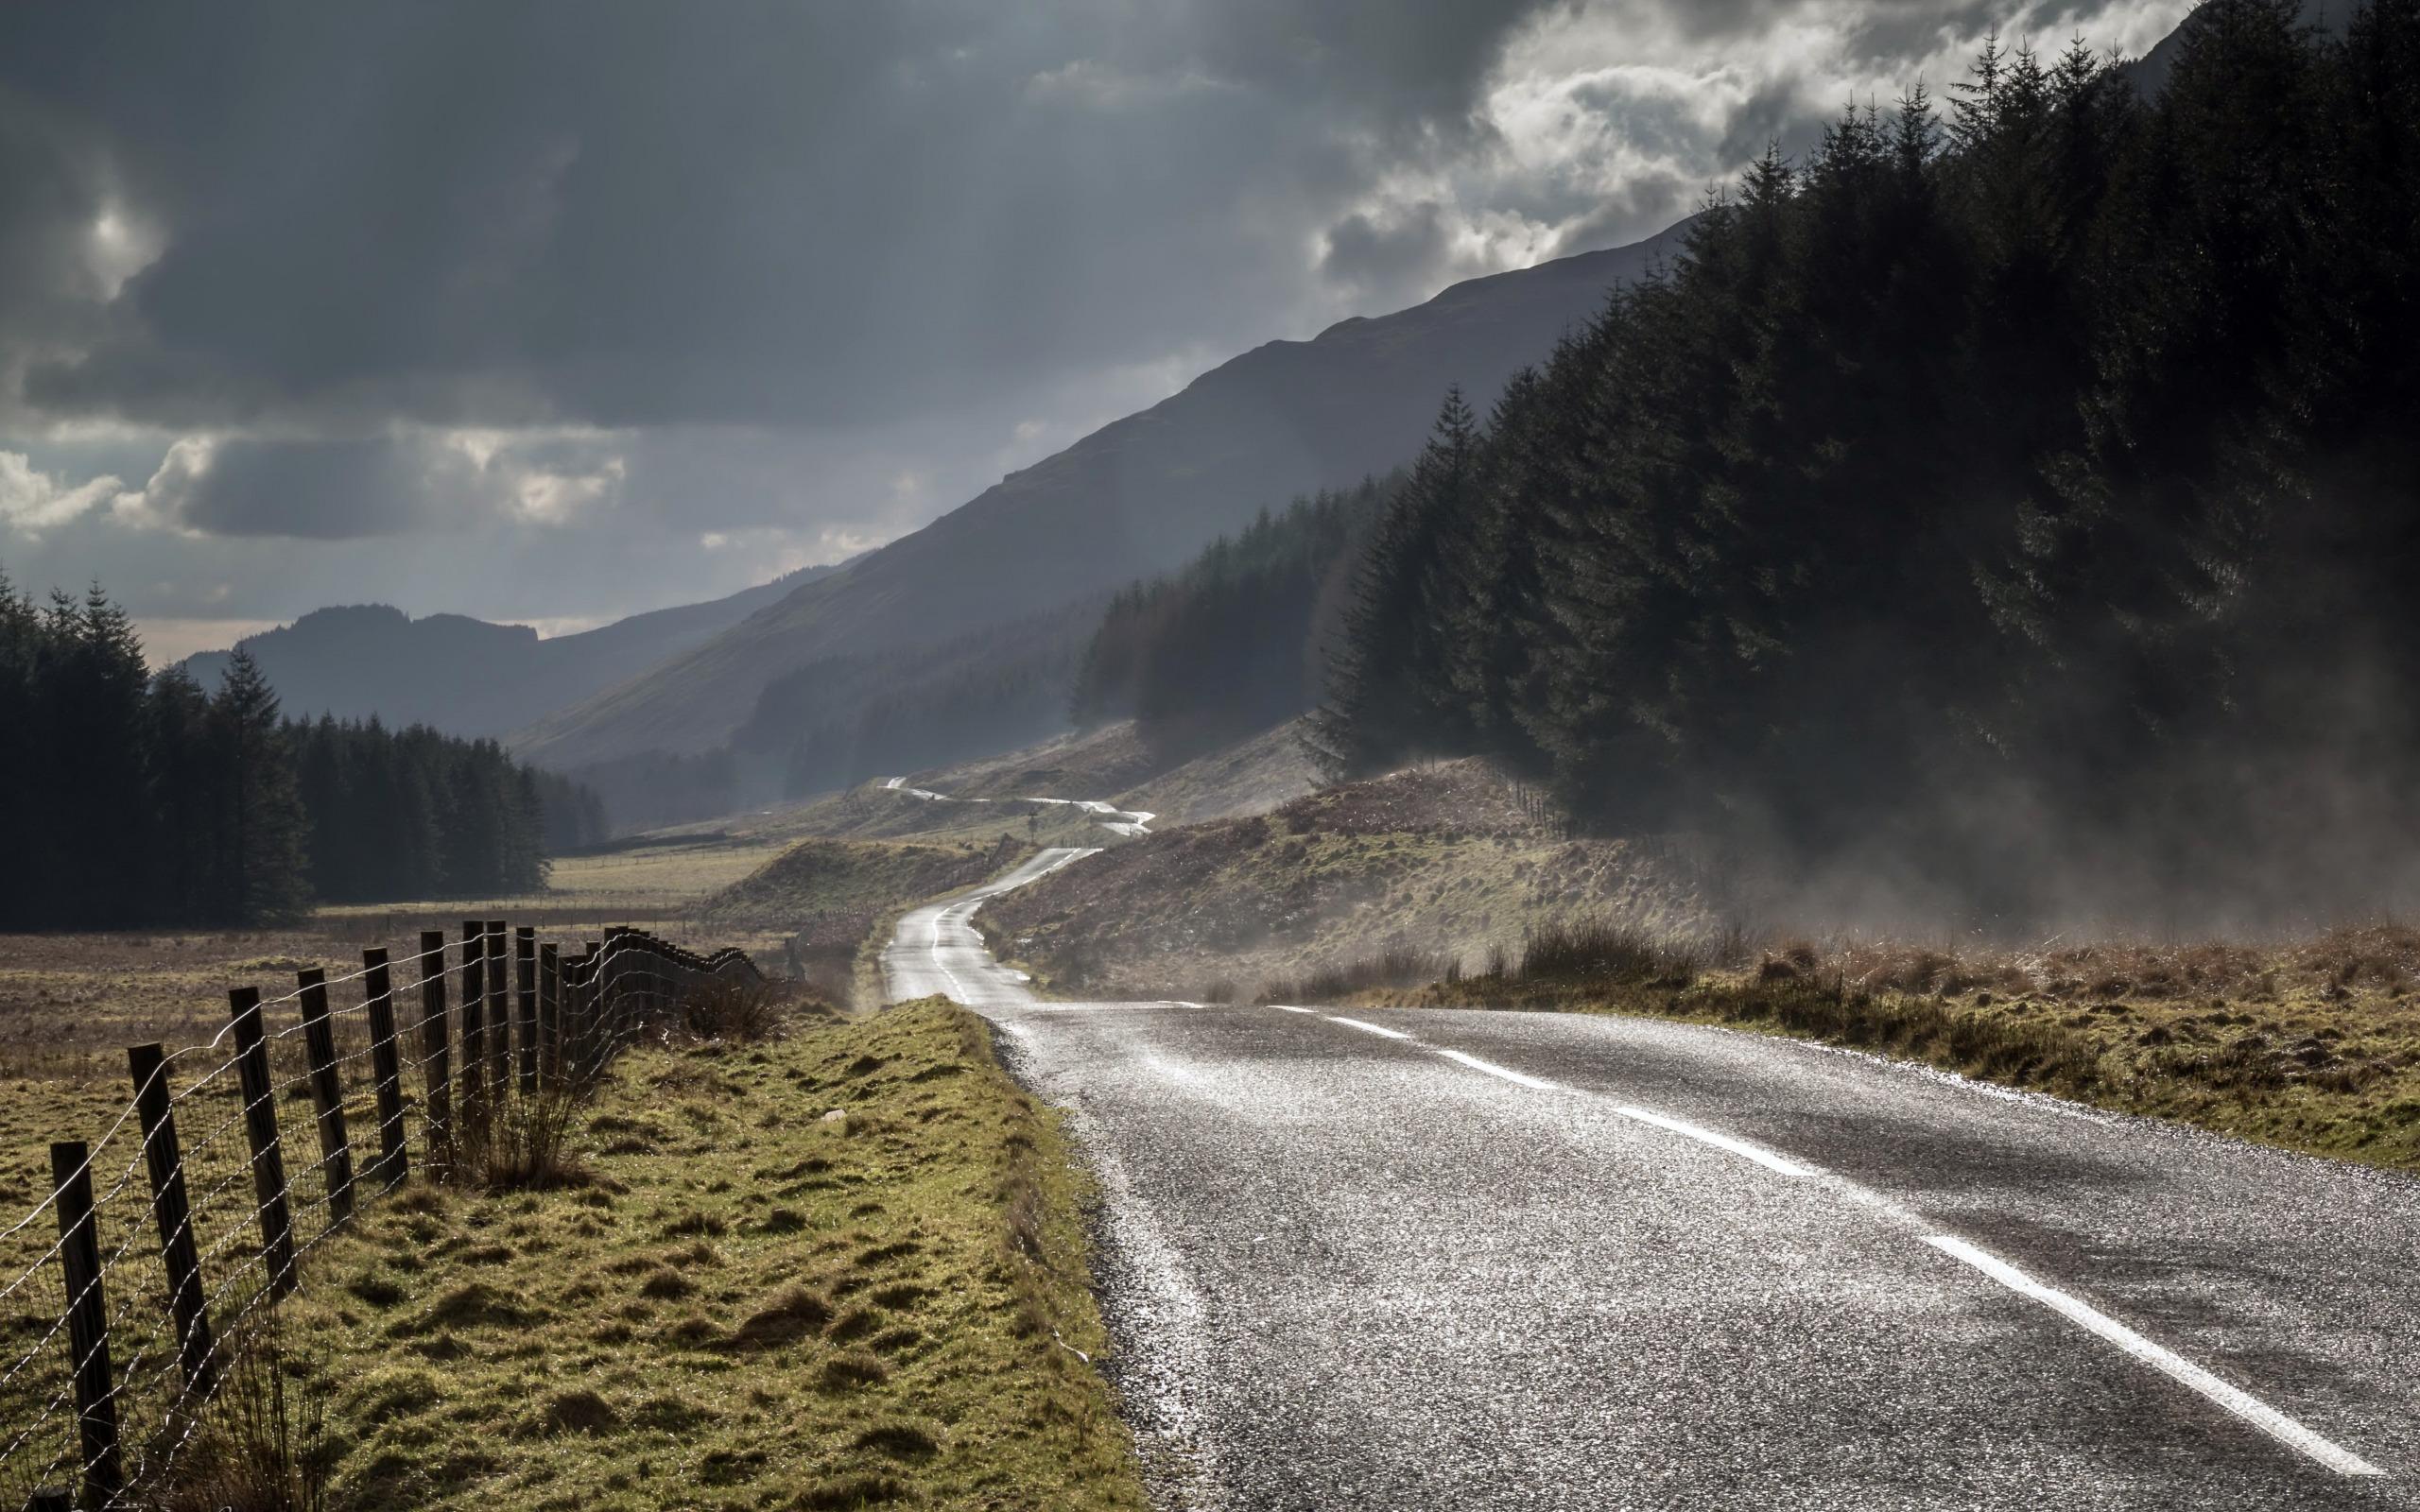 настоящее время красивые картинки дорога в тумане выбор осборн проведёт